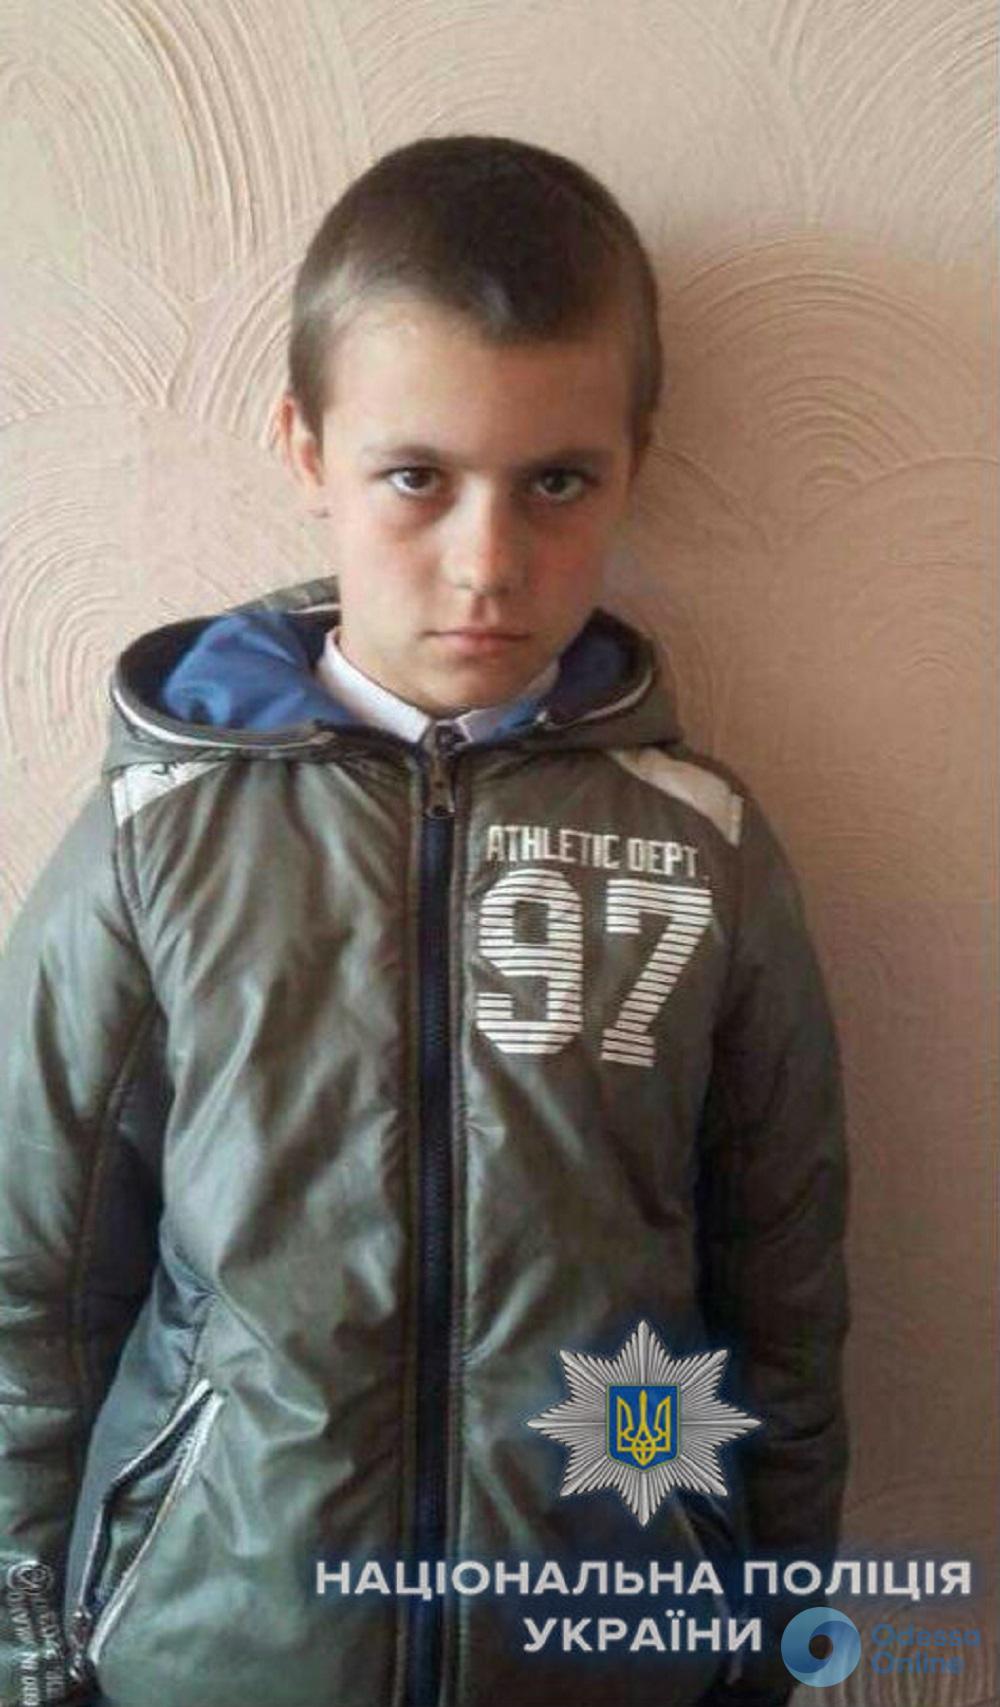 Снова сбежал: в Одессе разыскивают юного беглеца